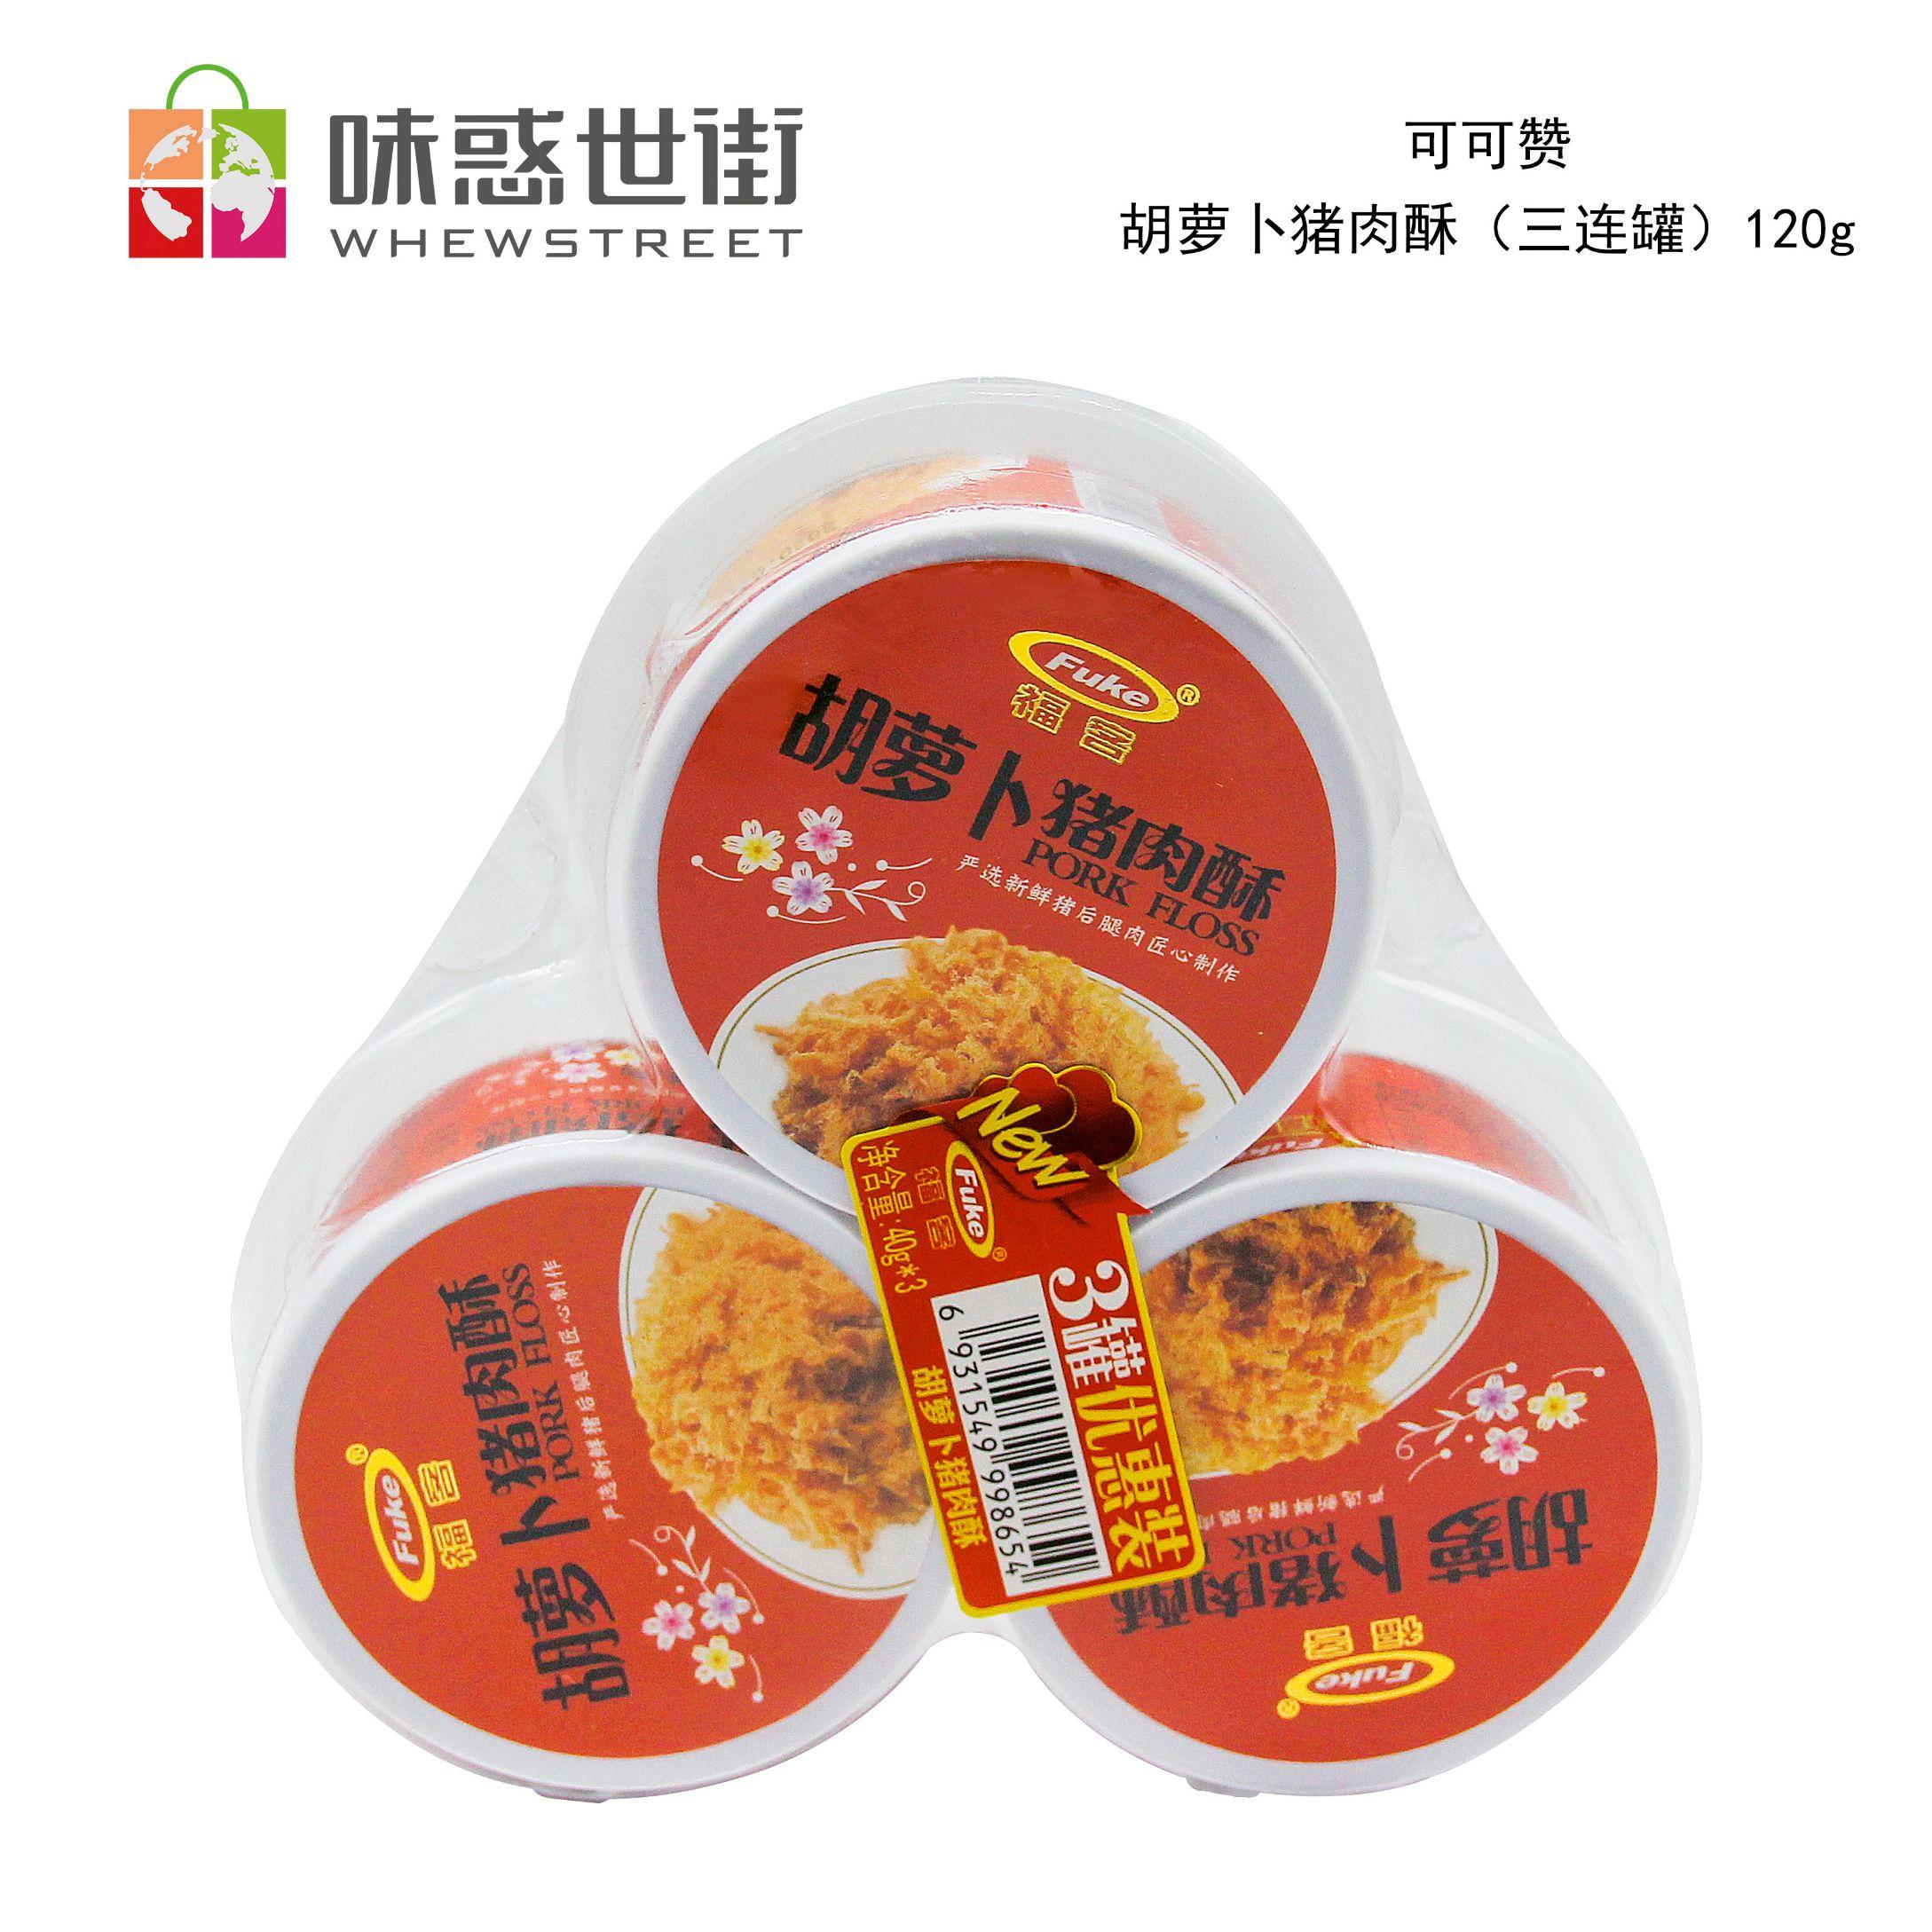 可可赞 胡萝卜猪肉酥(三连罐)120g